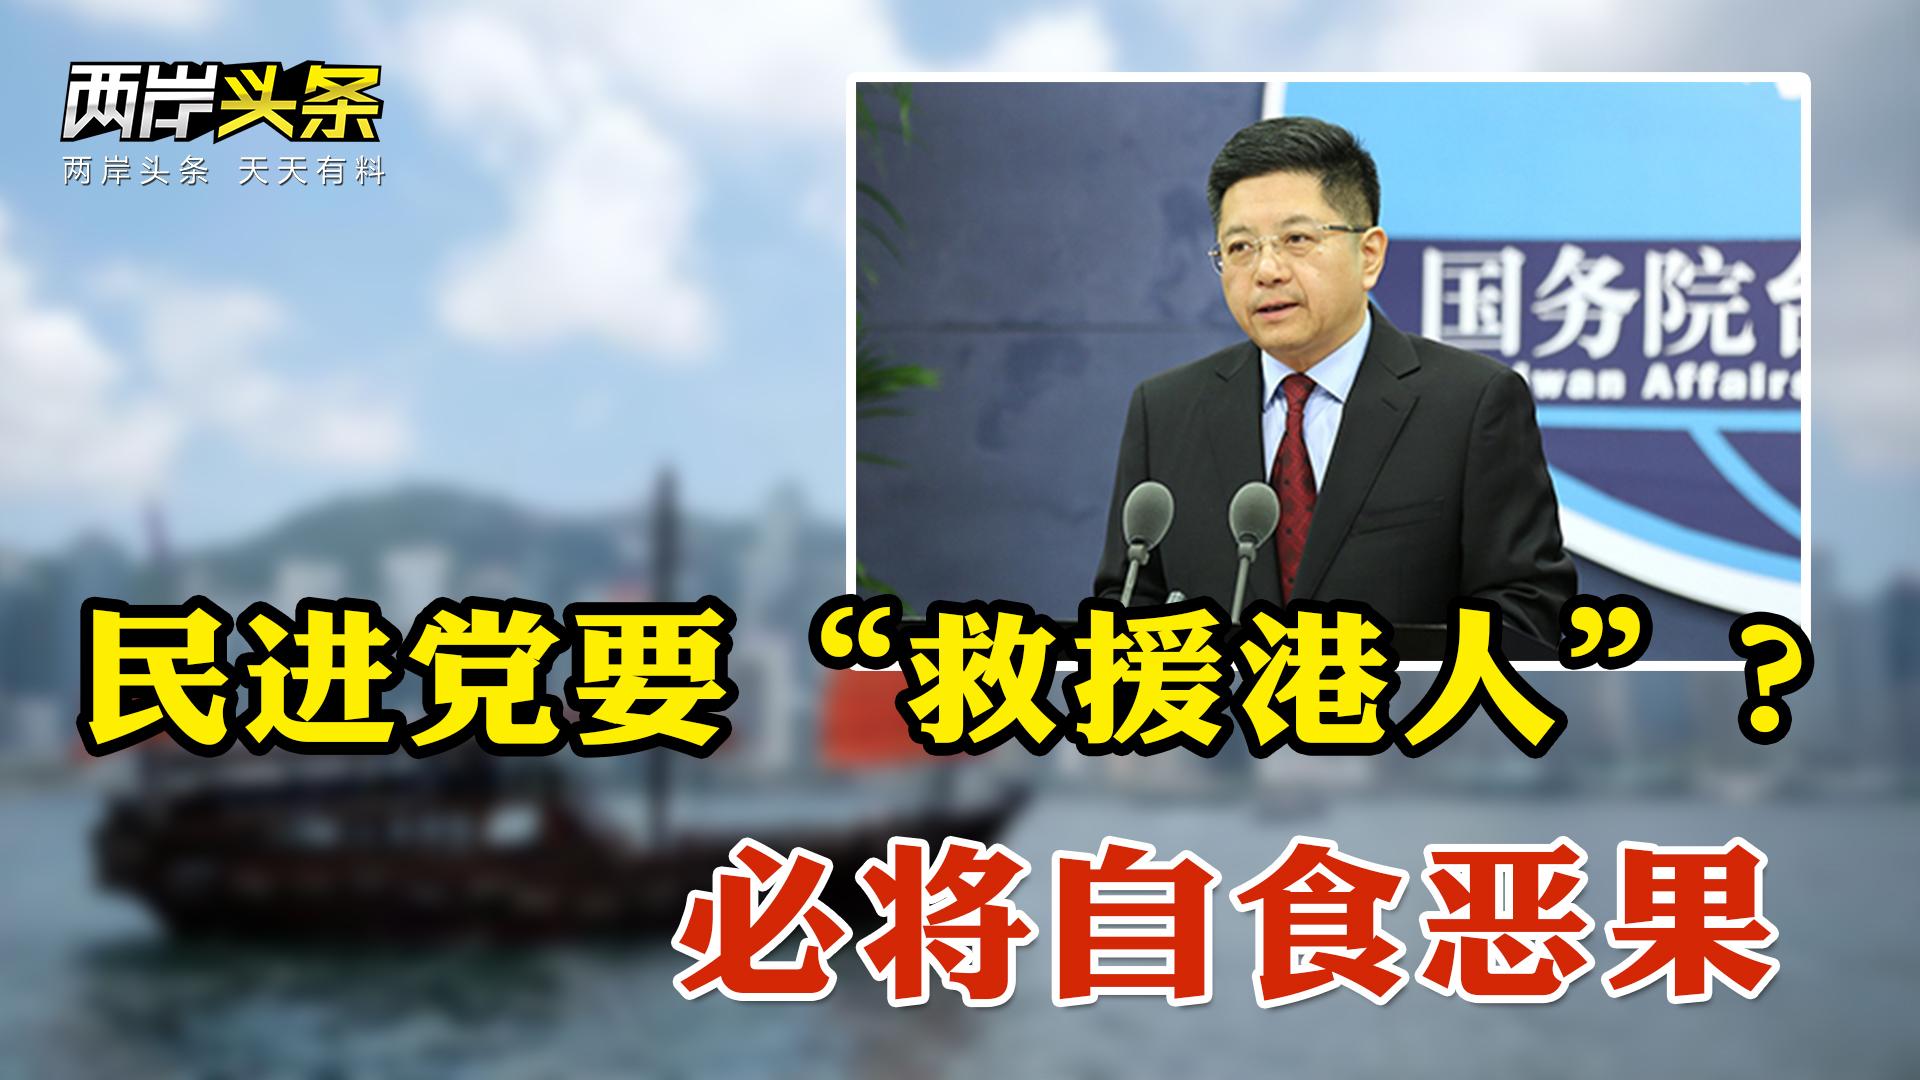 大陆为何召开《反分裂国家法》座谈会?台插手香港事务必自食恶果图片